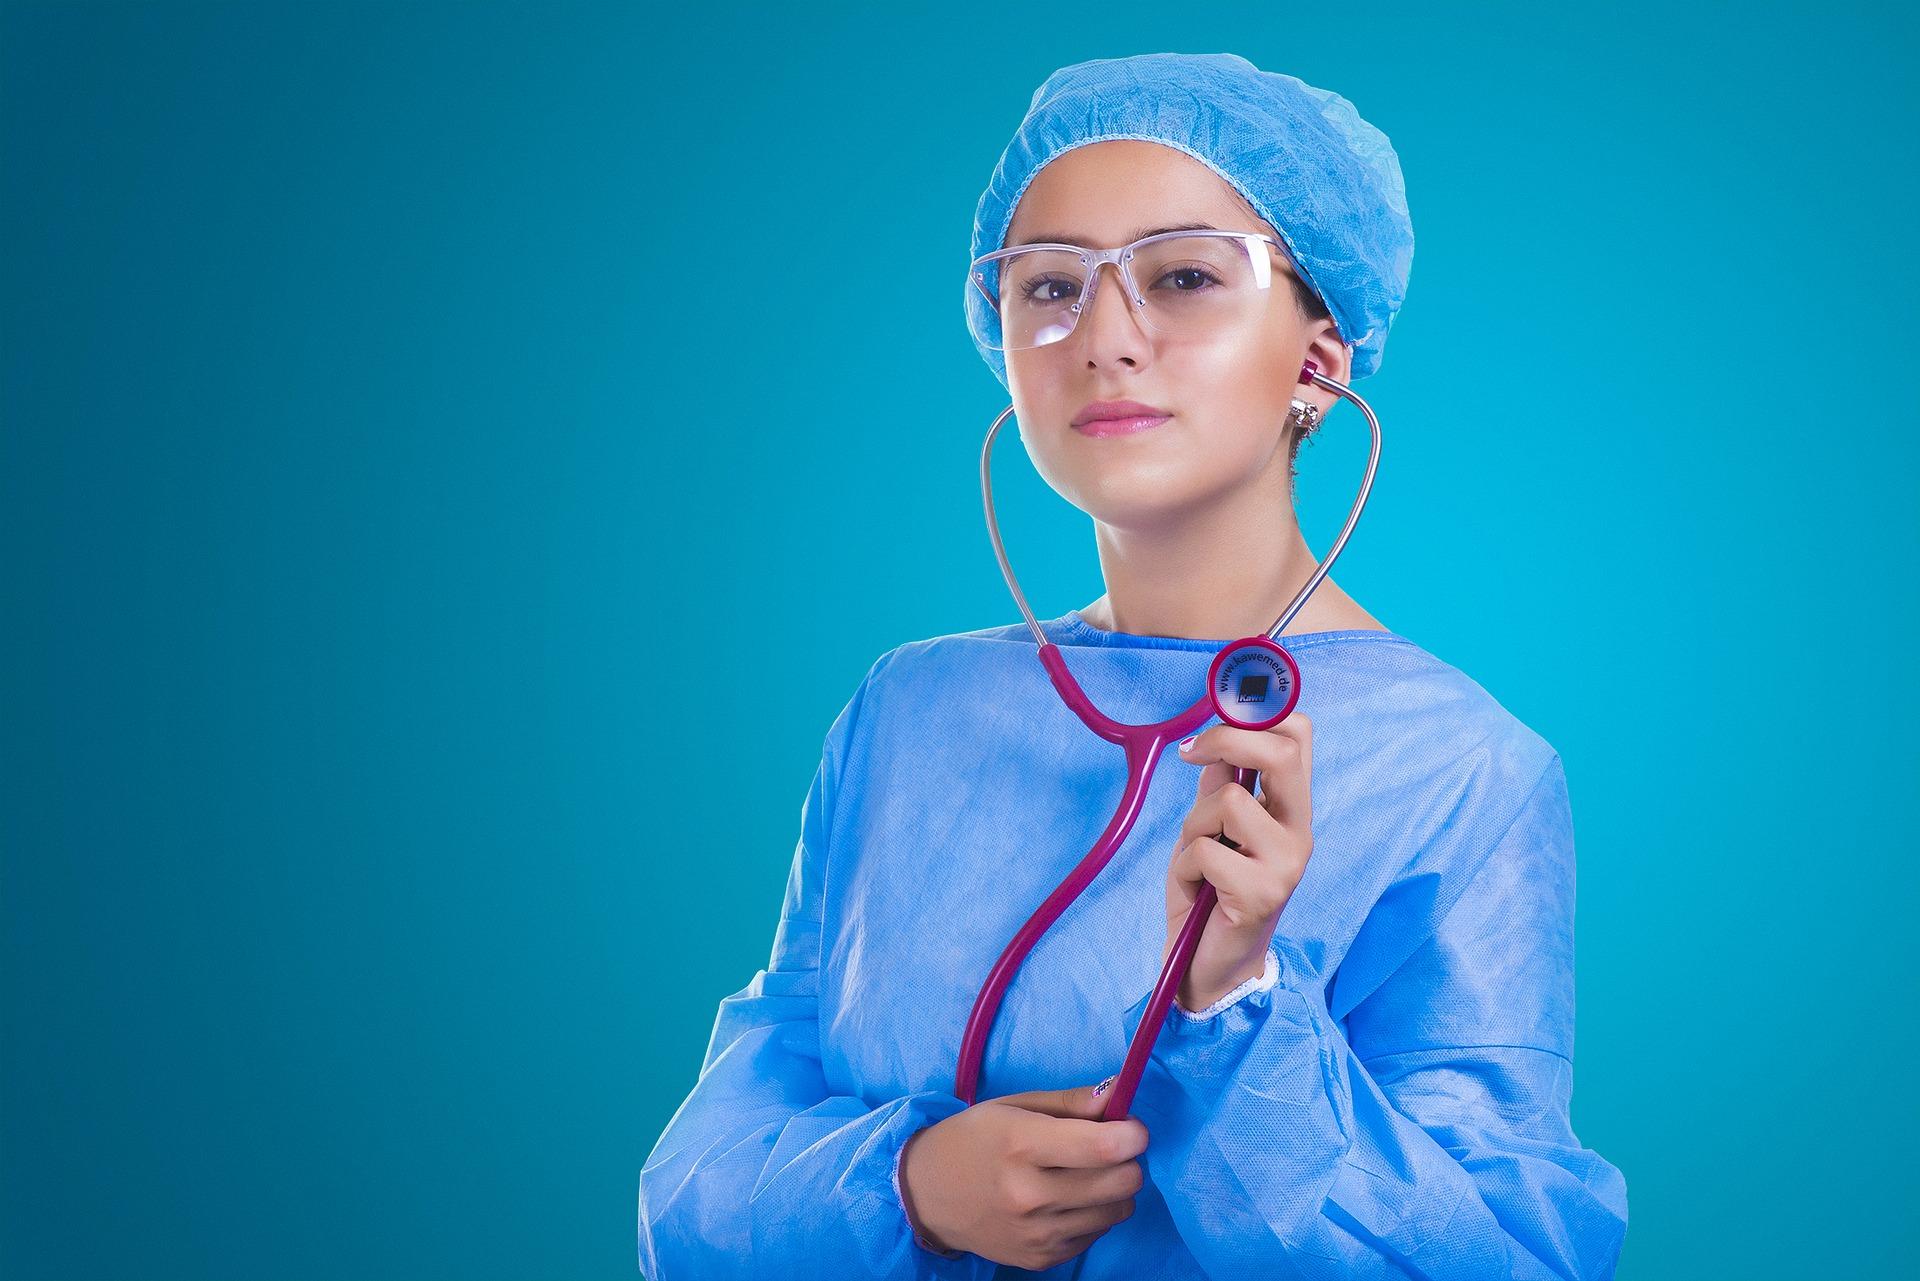 Prawo pacjenta do świadczeń zdrowotnych